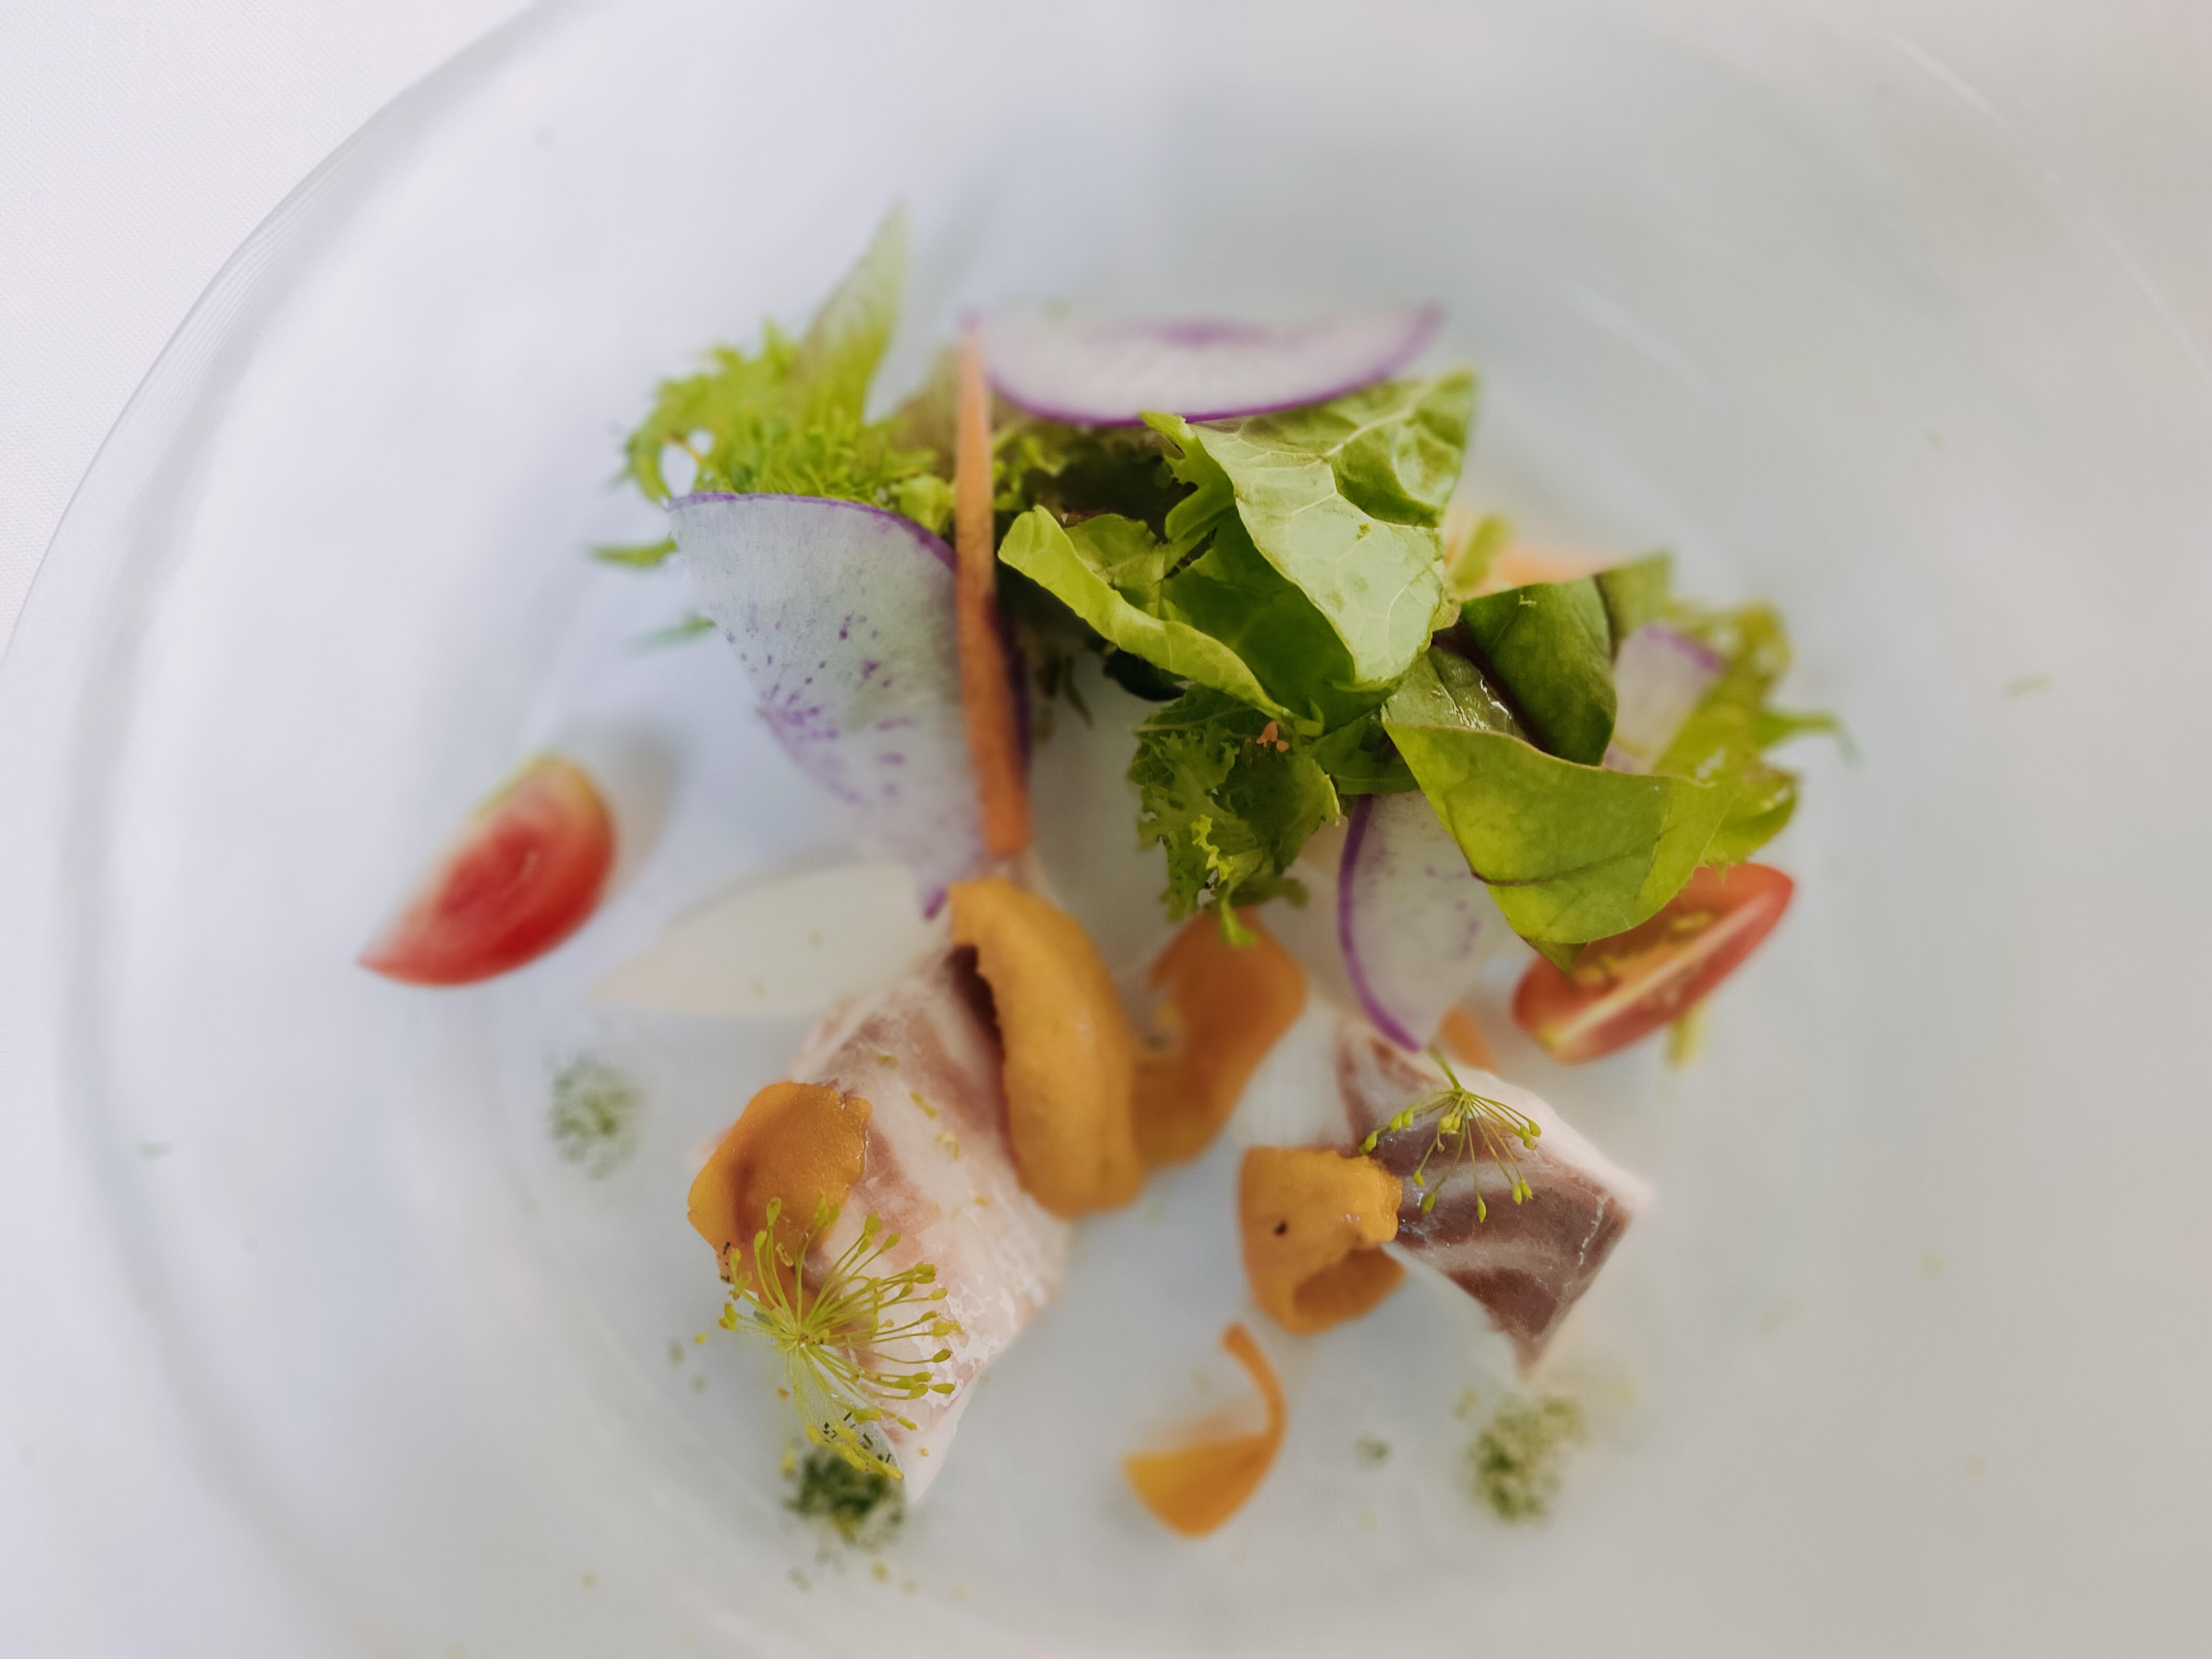 鮮魚のヴァポーレ むかし野菜を添えて